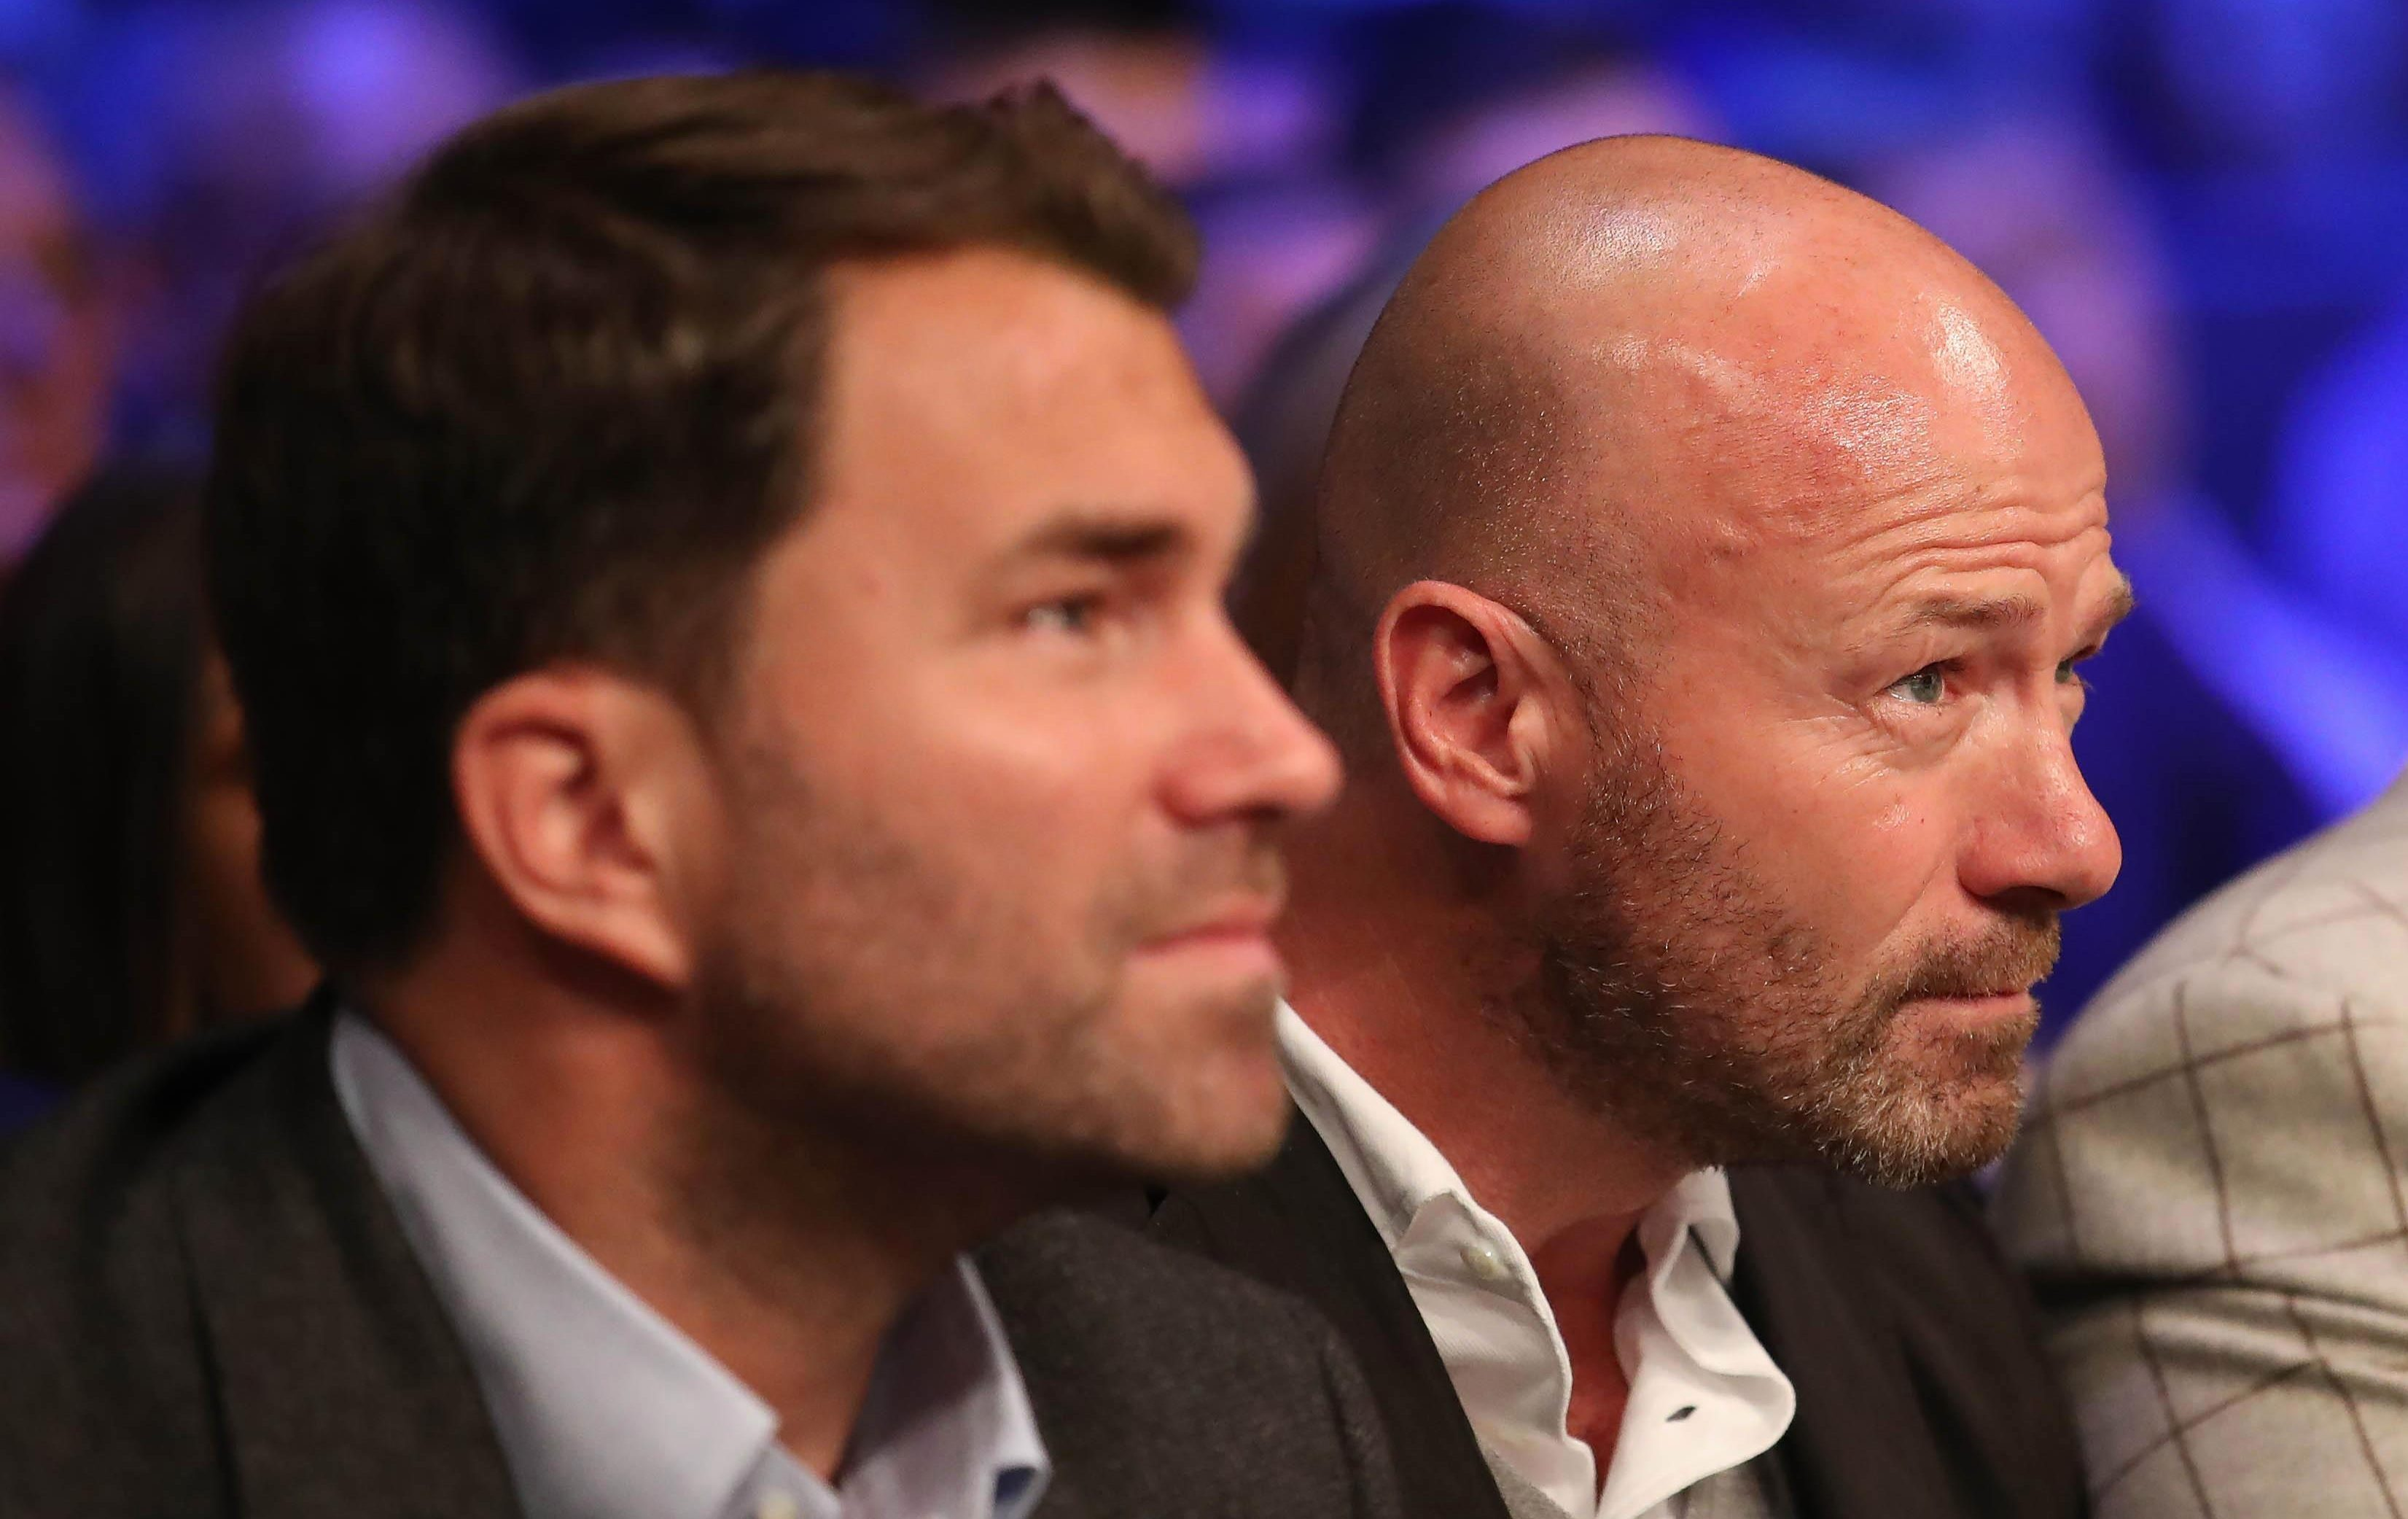 Alan Shearer was ringside to watch Lewis Ritson fall short in his European bid